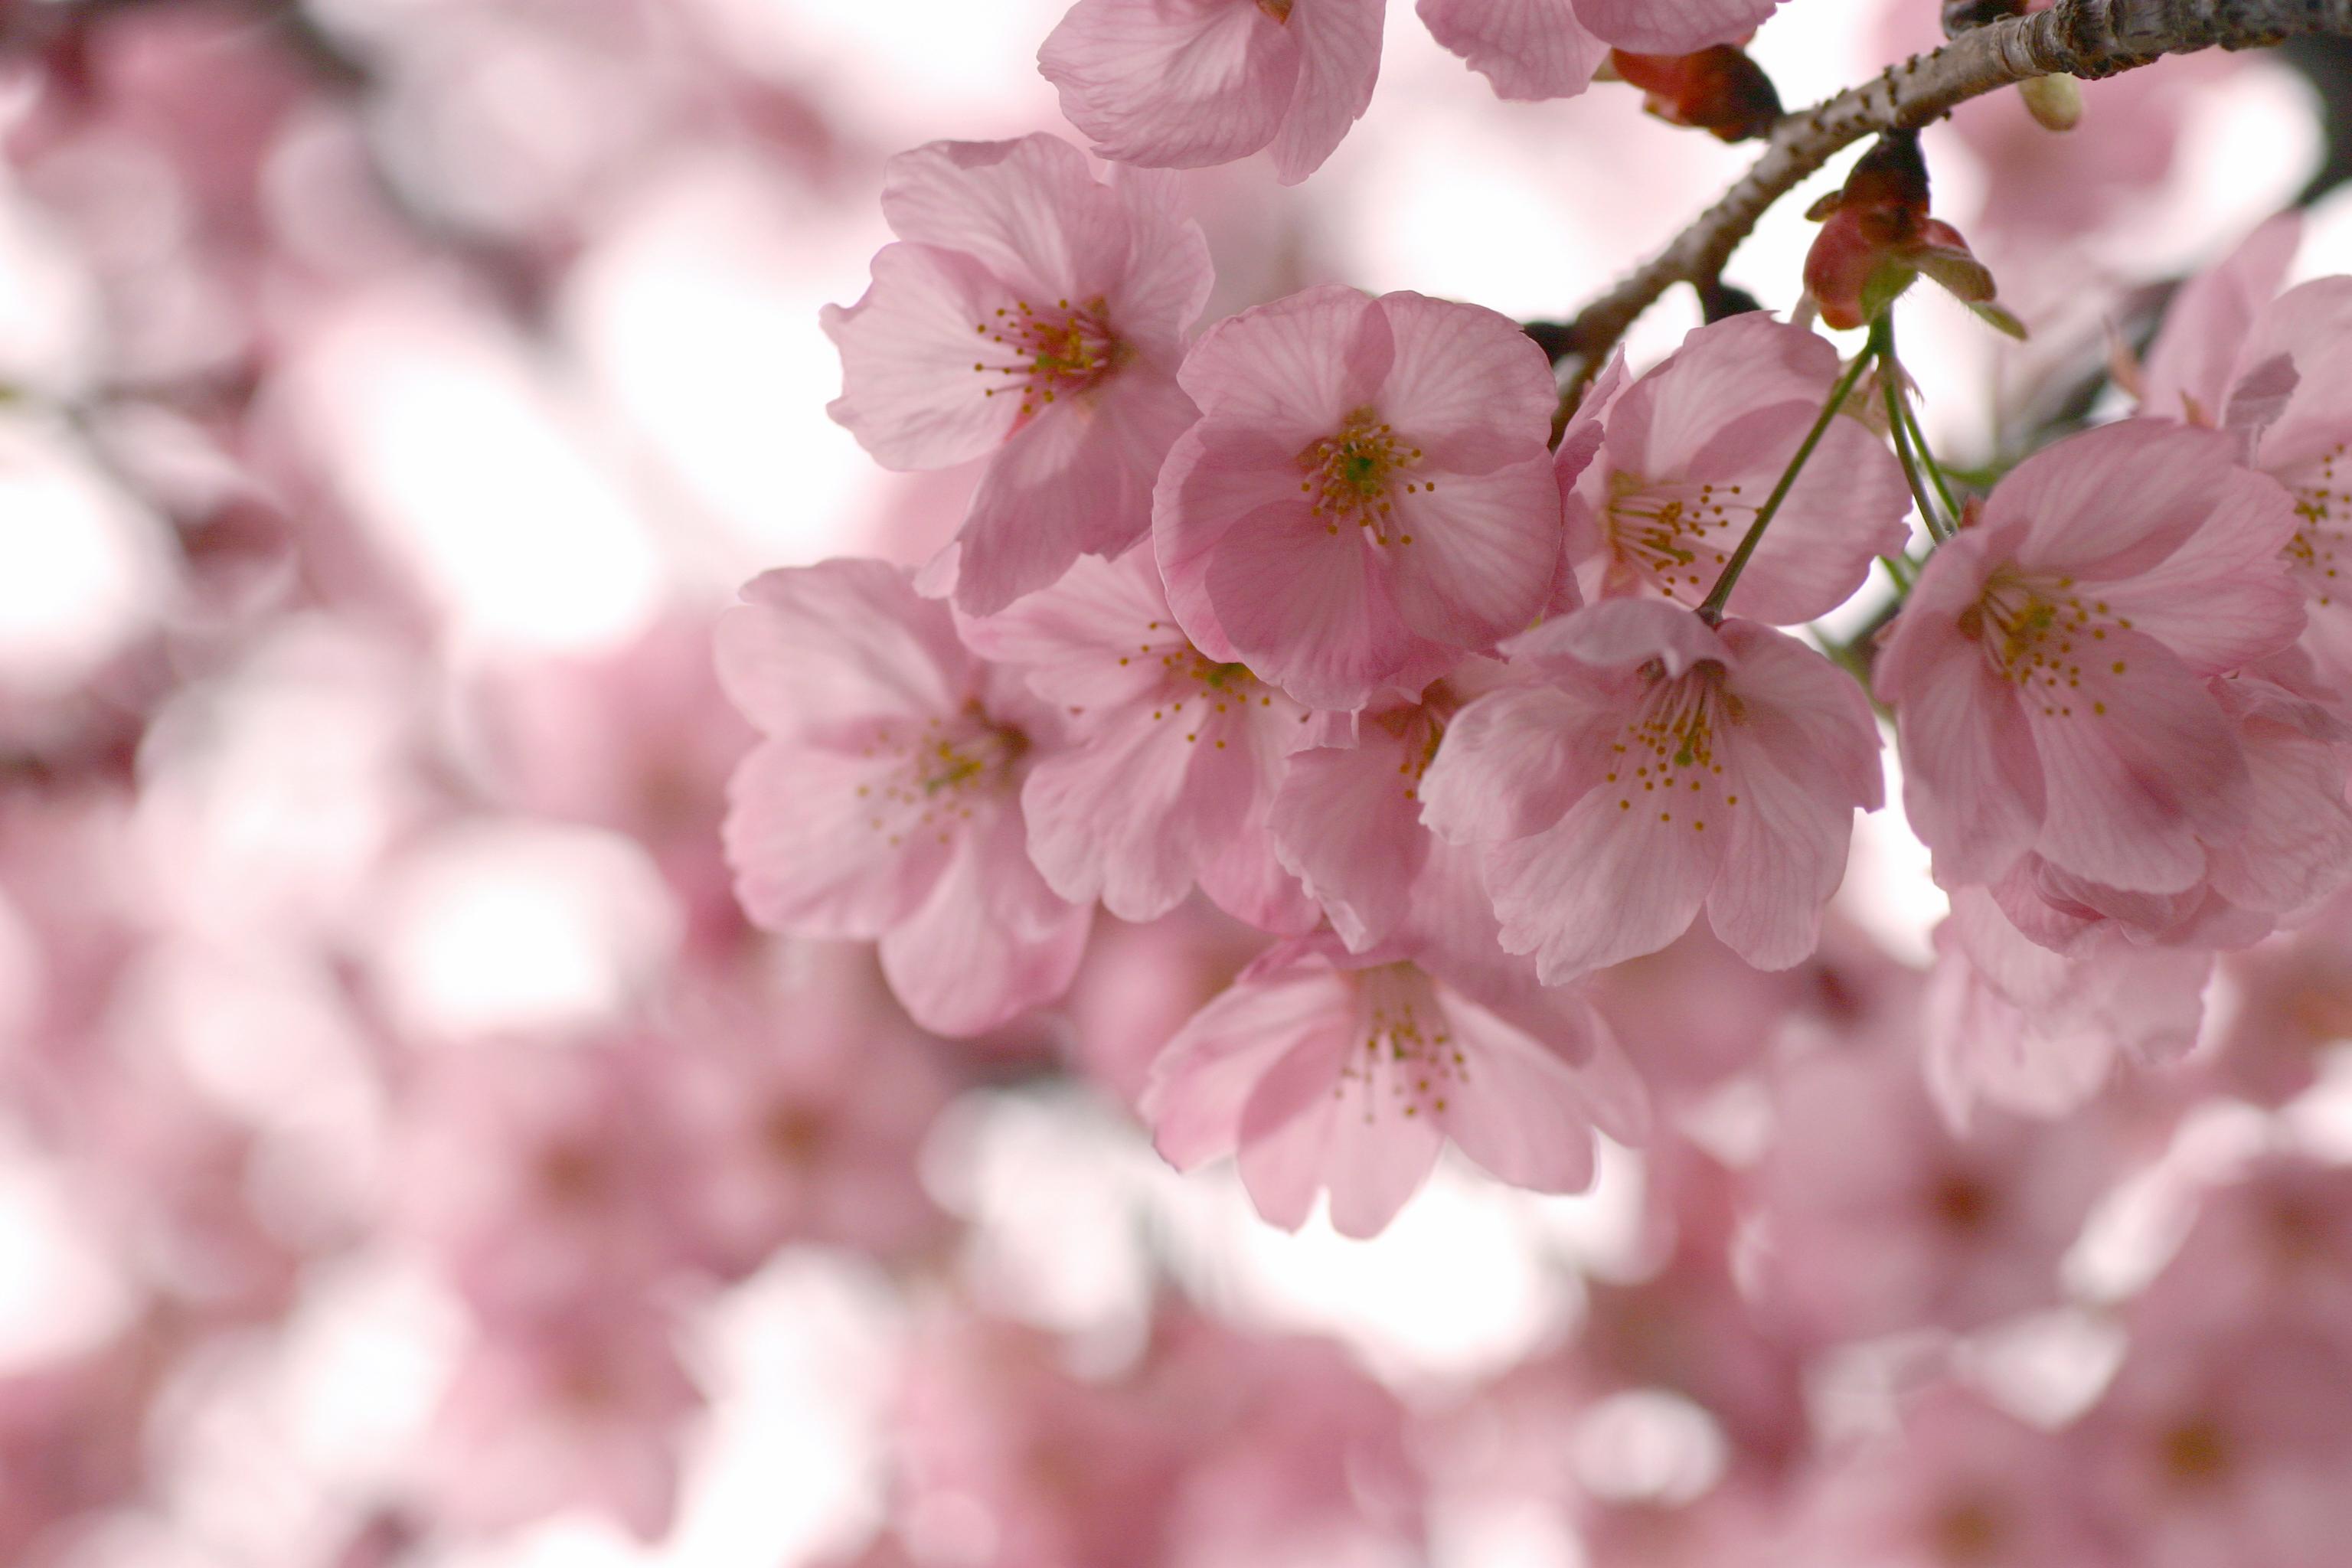 телефоны, режимы картинки весна на телефон в хорошем качестве новосибирске